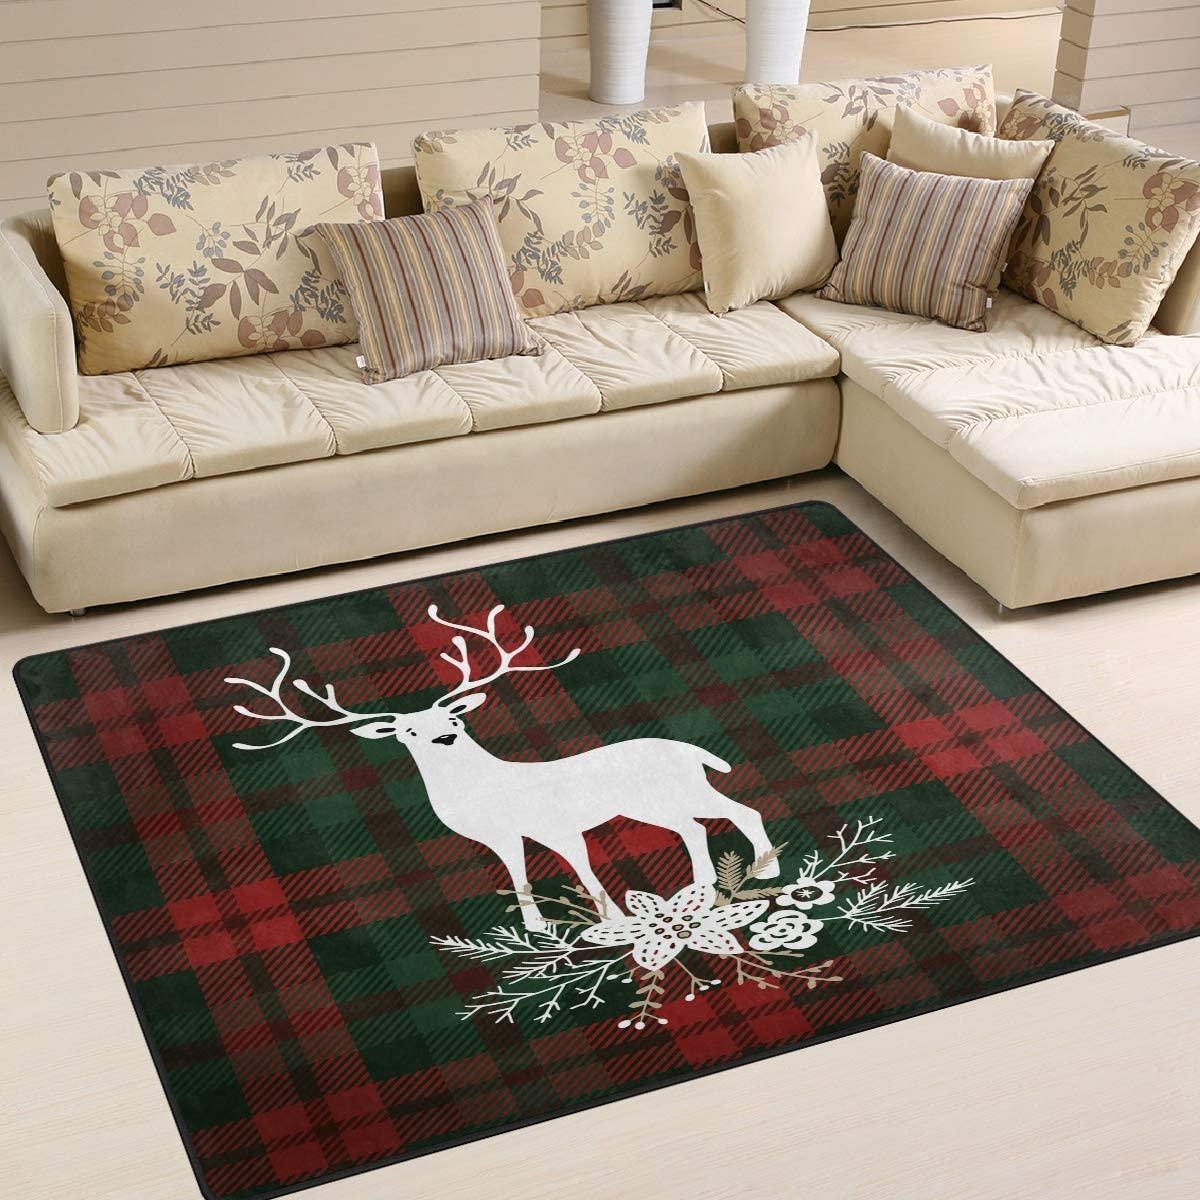 ALAZA Deer Flower Christmas Plaid Buffalo Area Rug Rugs for Living Room Bedroom 7' x 5'